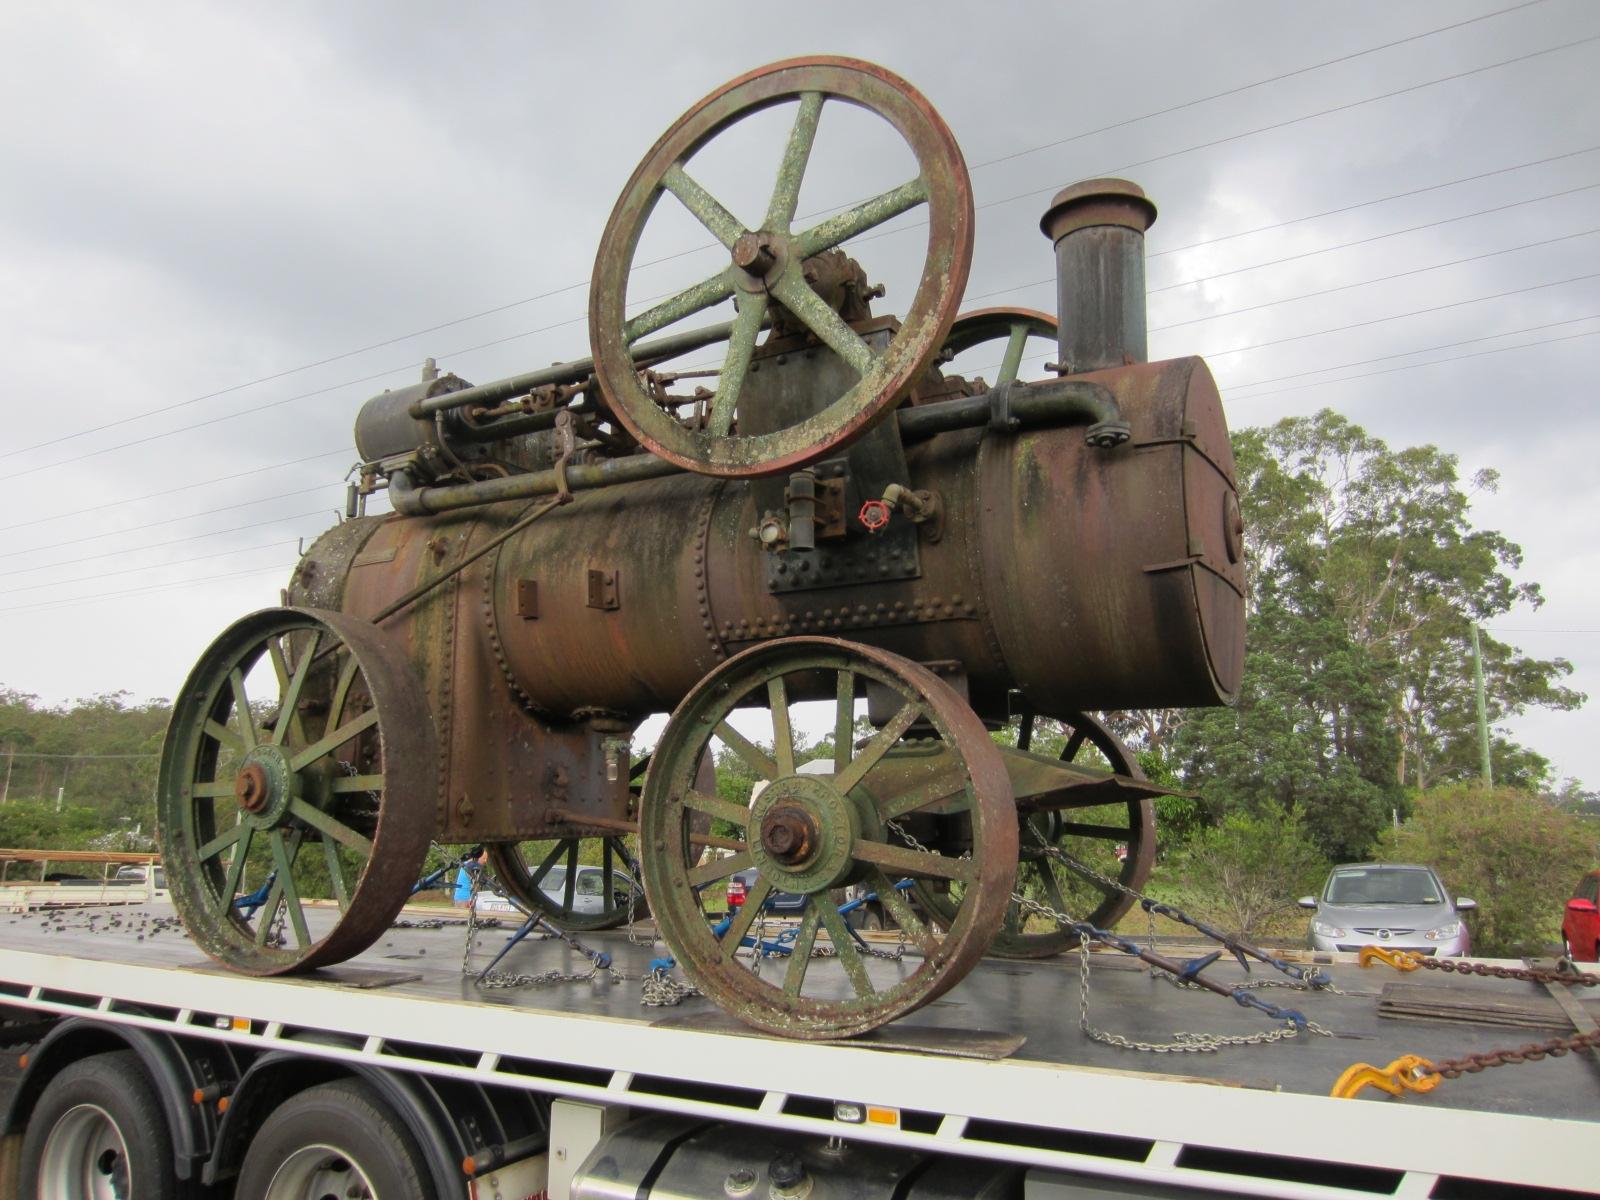 Steam engine transport